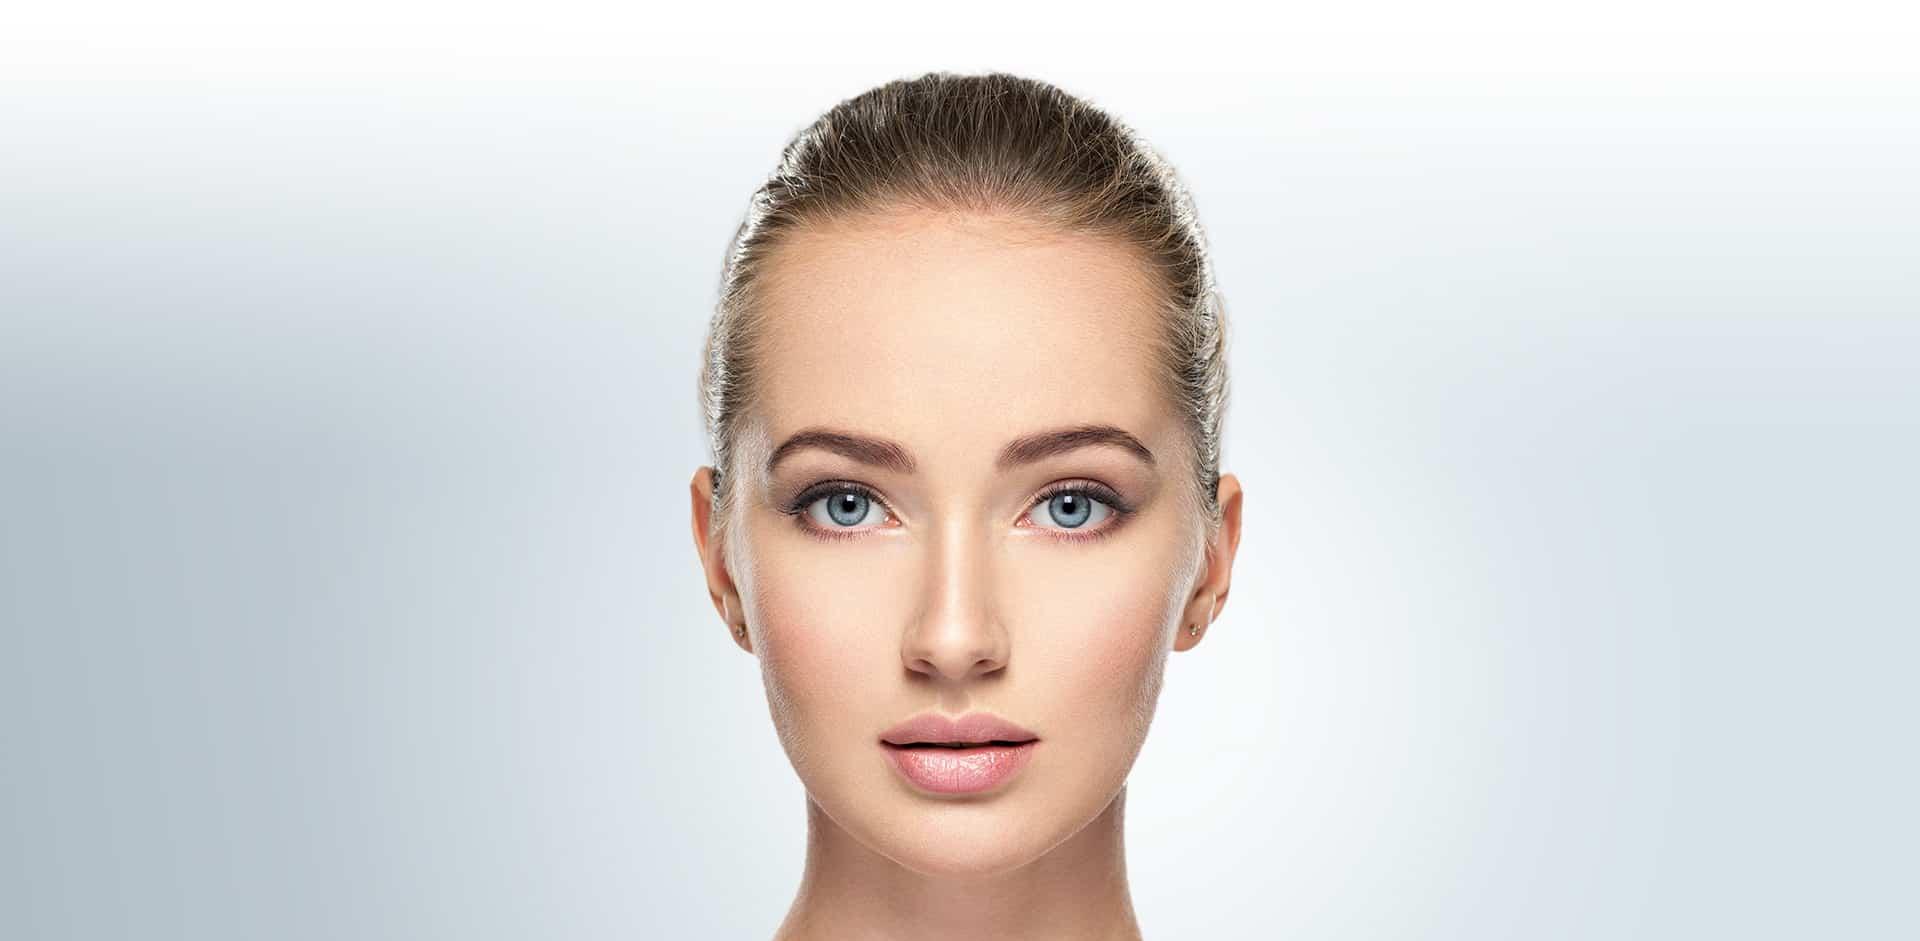 visage femme medecine esthetique